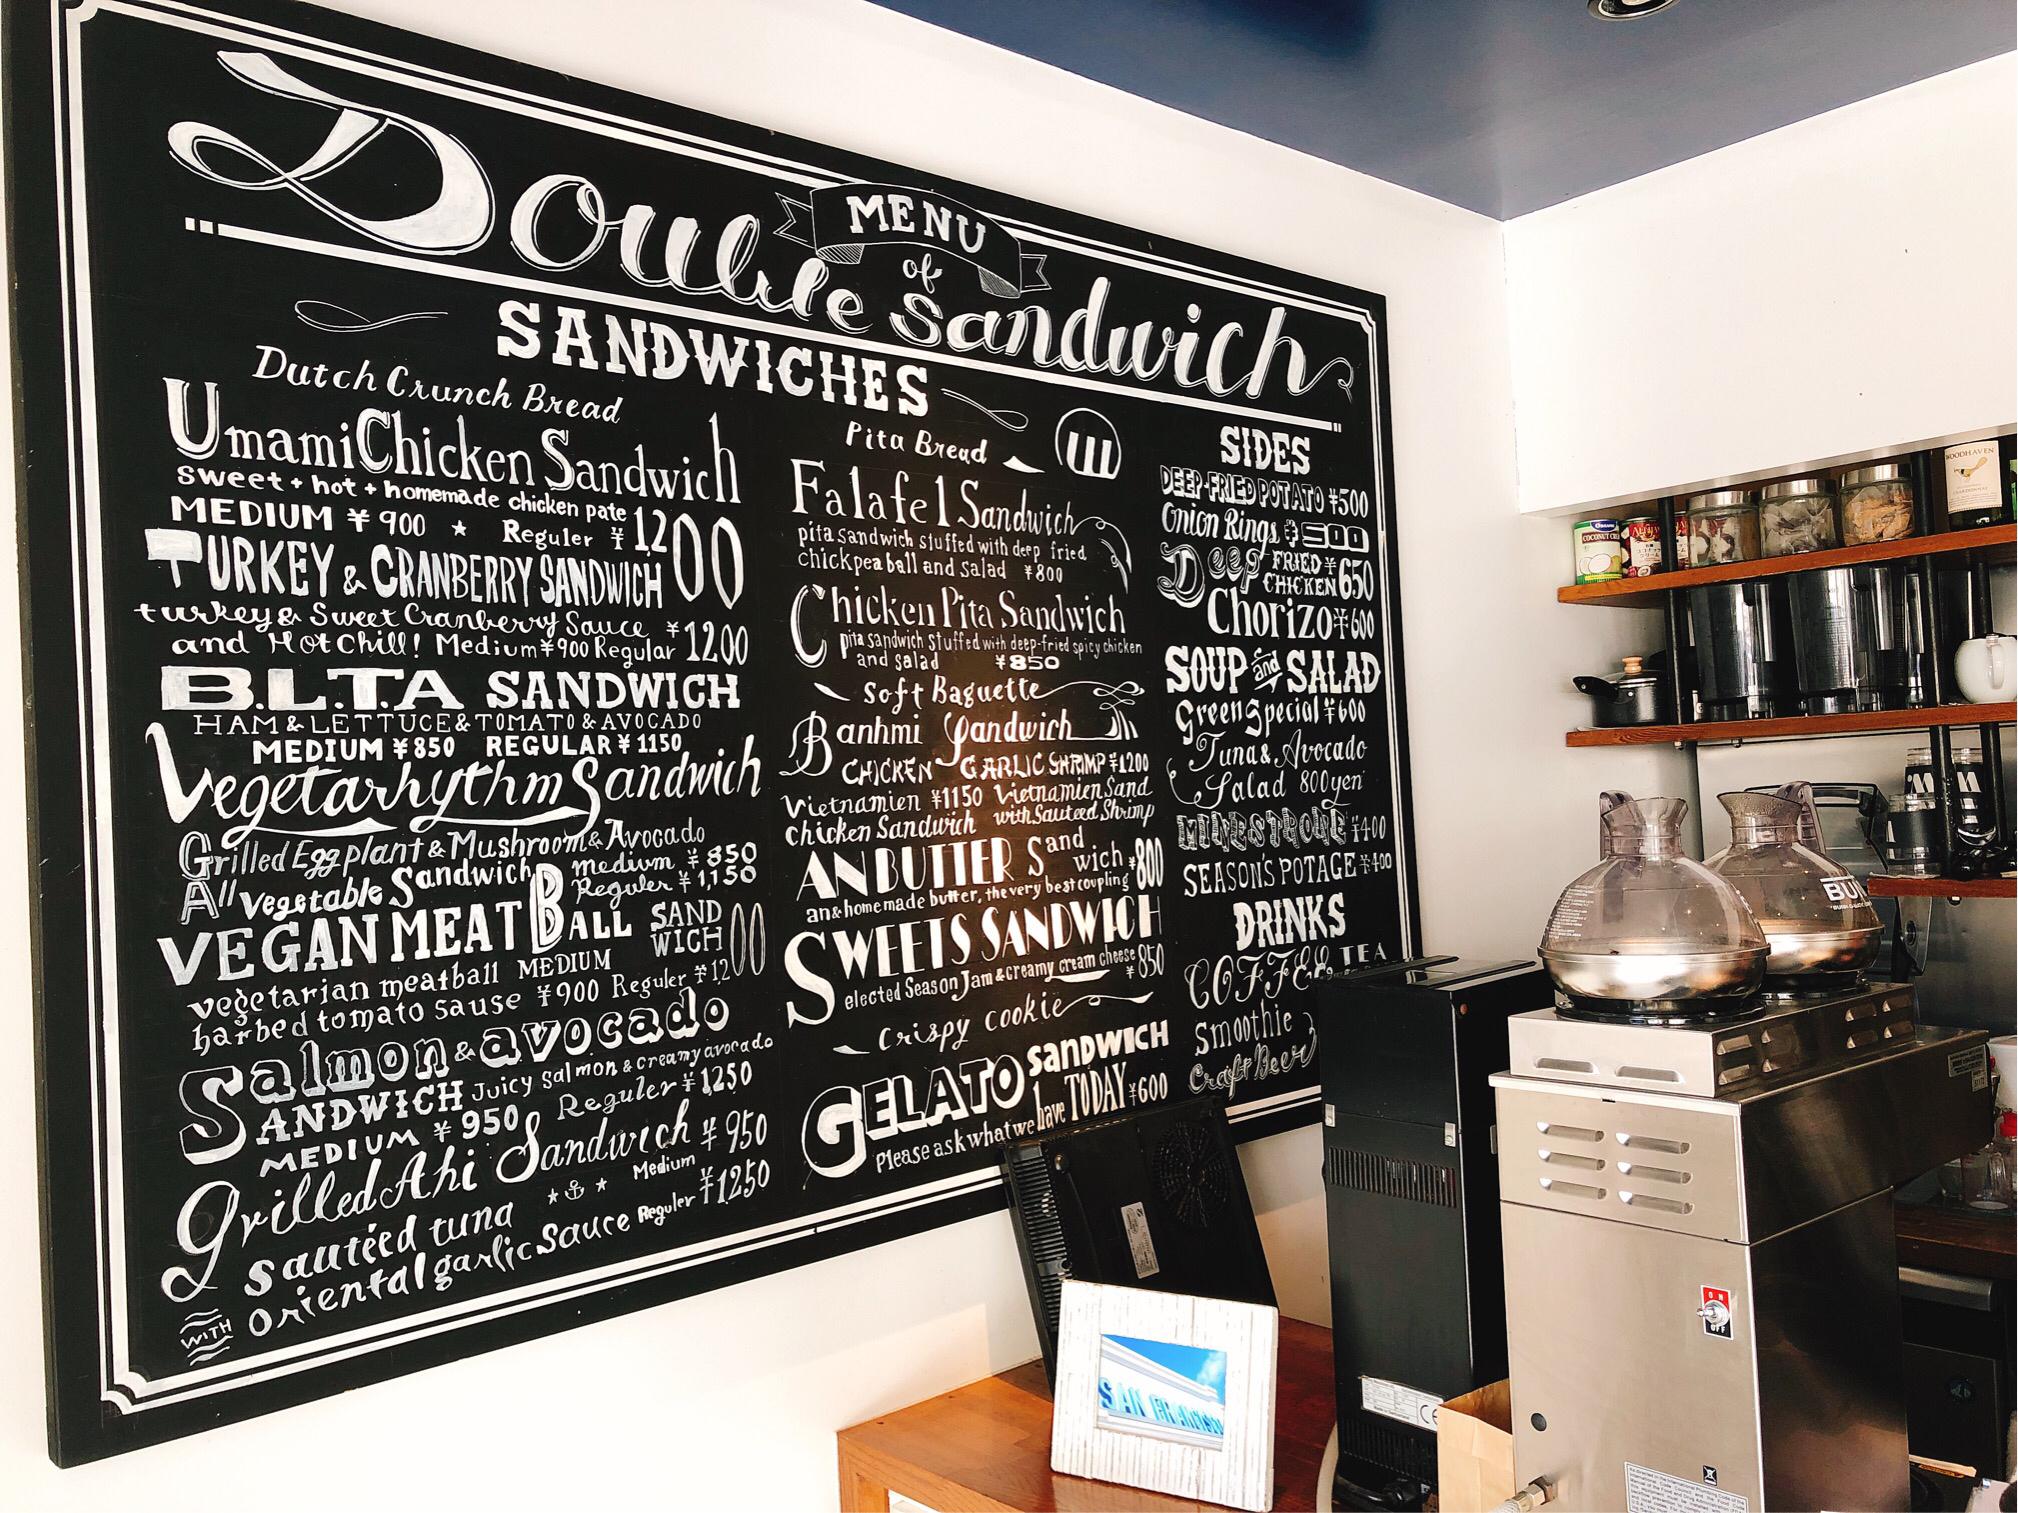 ダブルサンドイッチメニュー看板。黒板に白の文字がおしゃれで、アメリカンな雰囲気です。